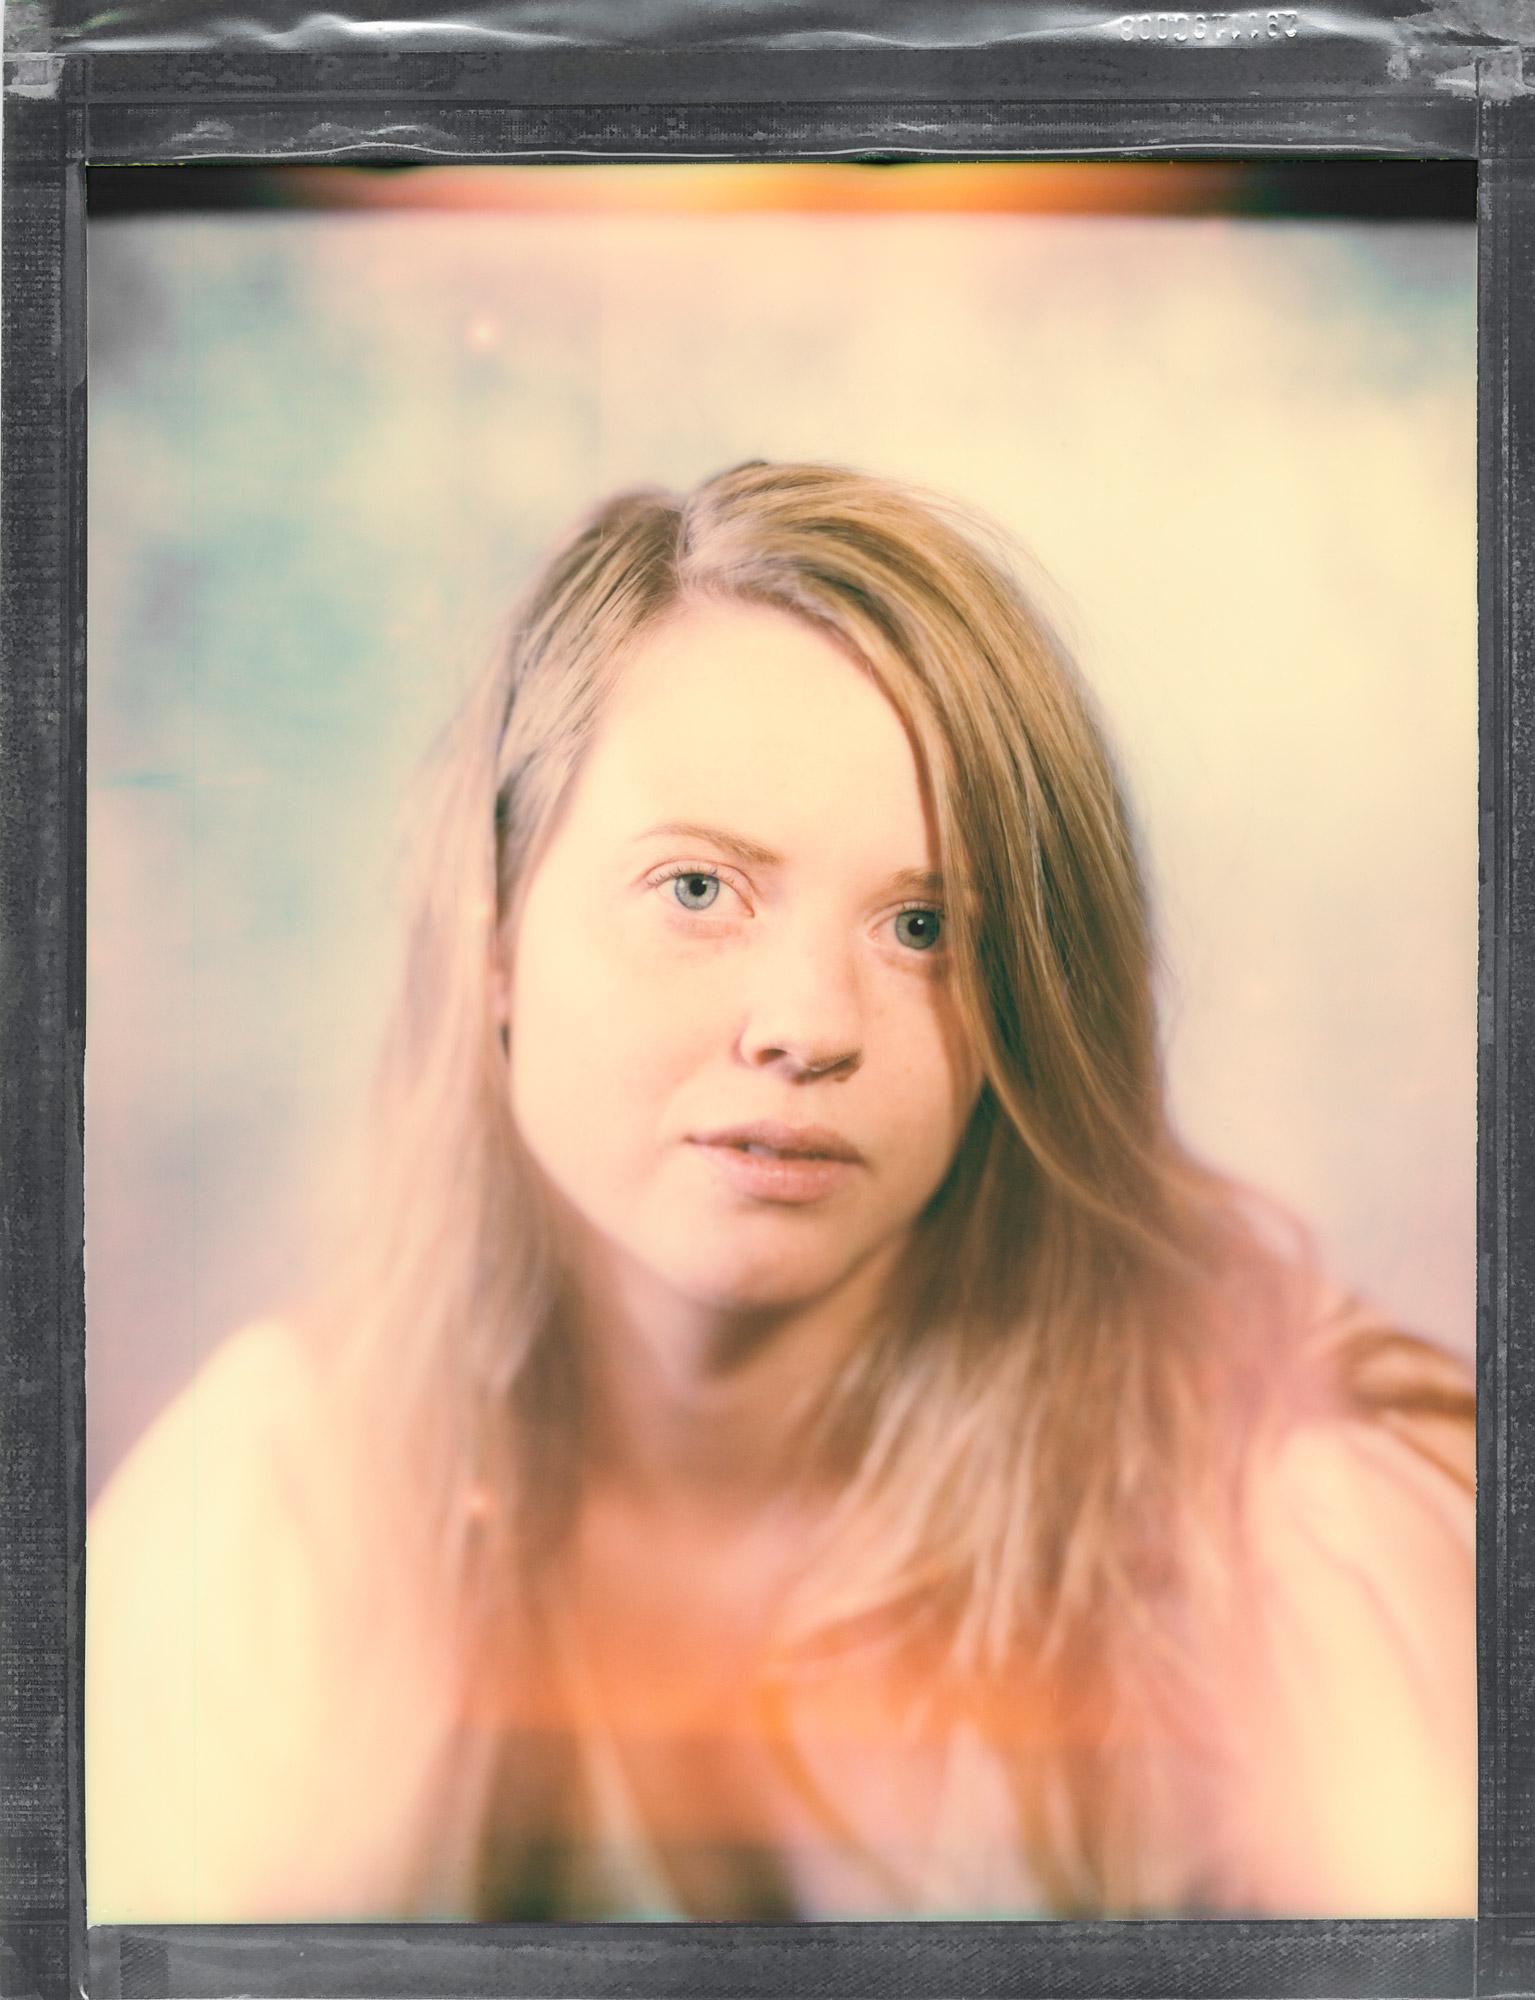 portrett av en ung kvinne med langt hår tatt av en Portrettfotograf Oslo